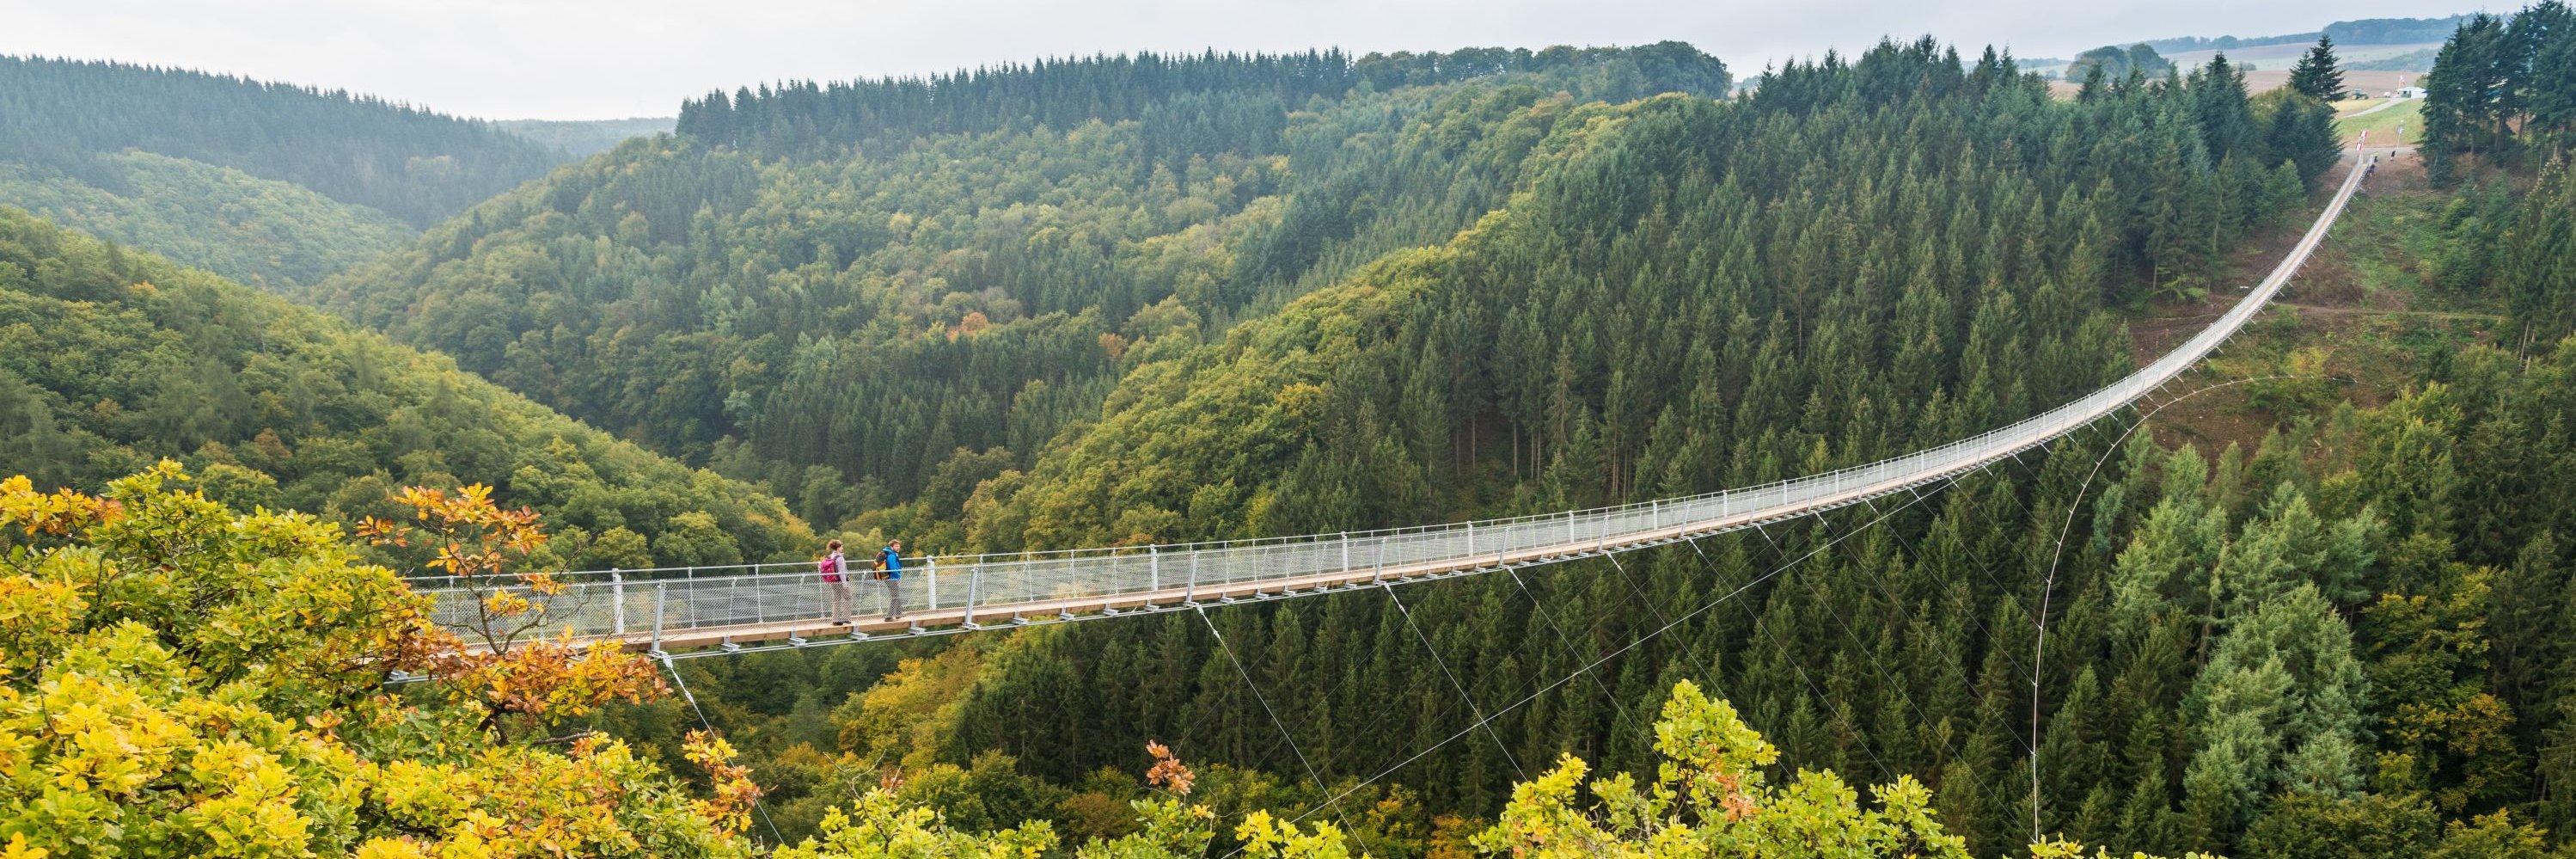 The queen of bridges   Geierlay suspension bridge